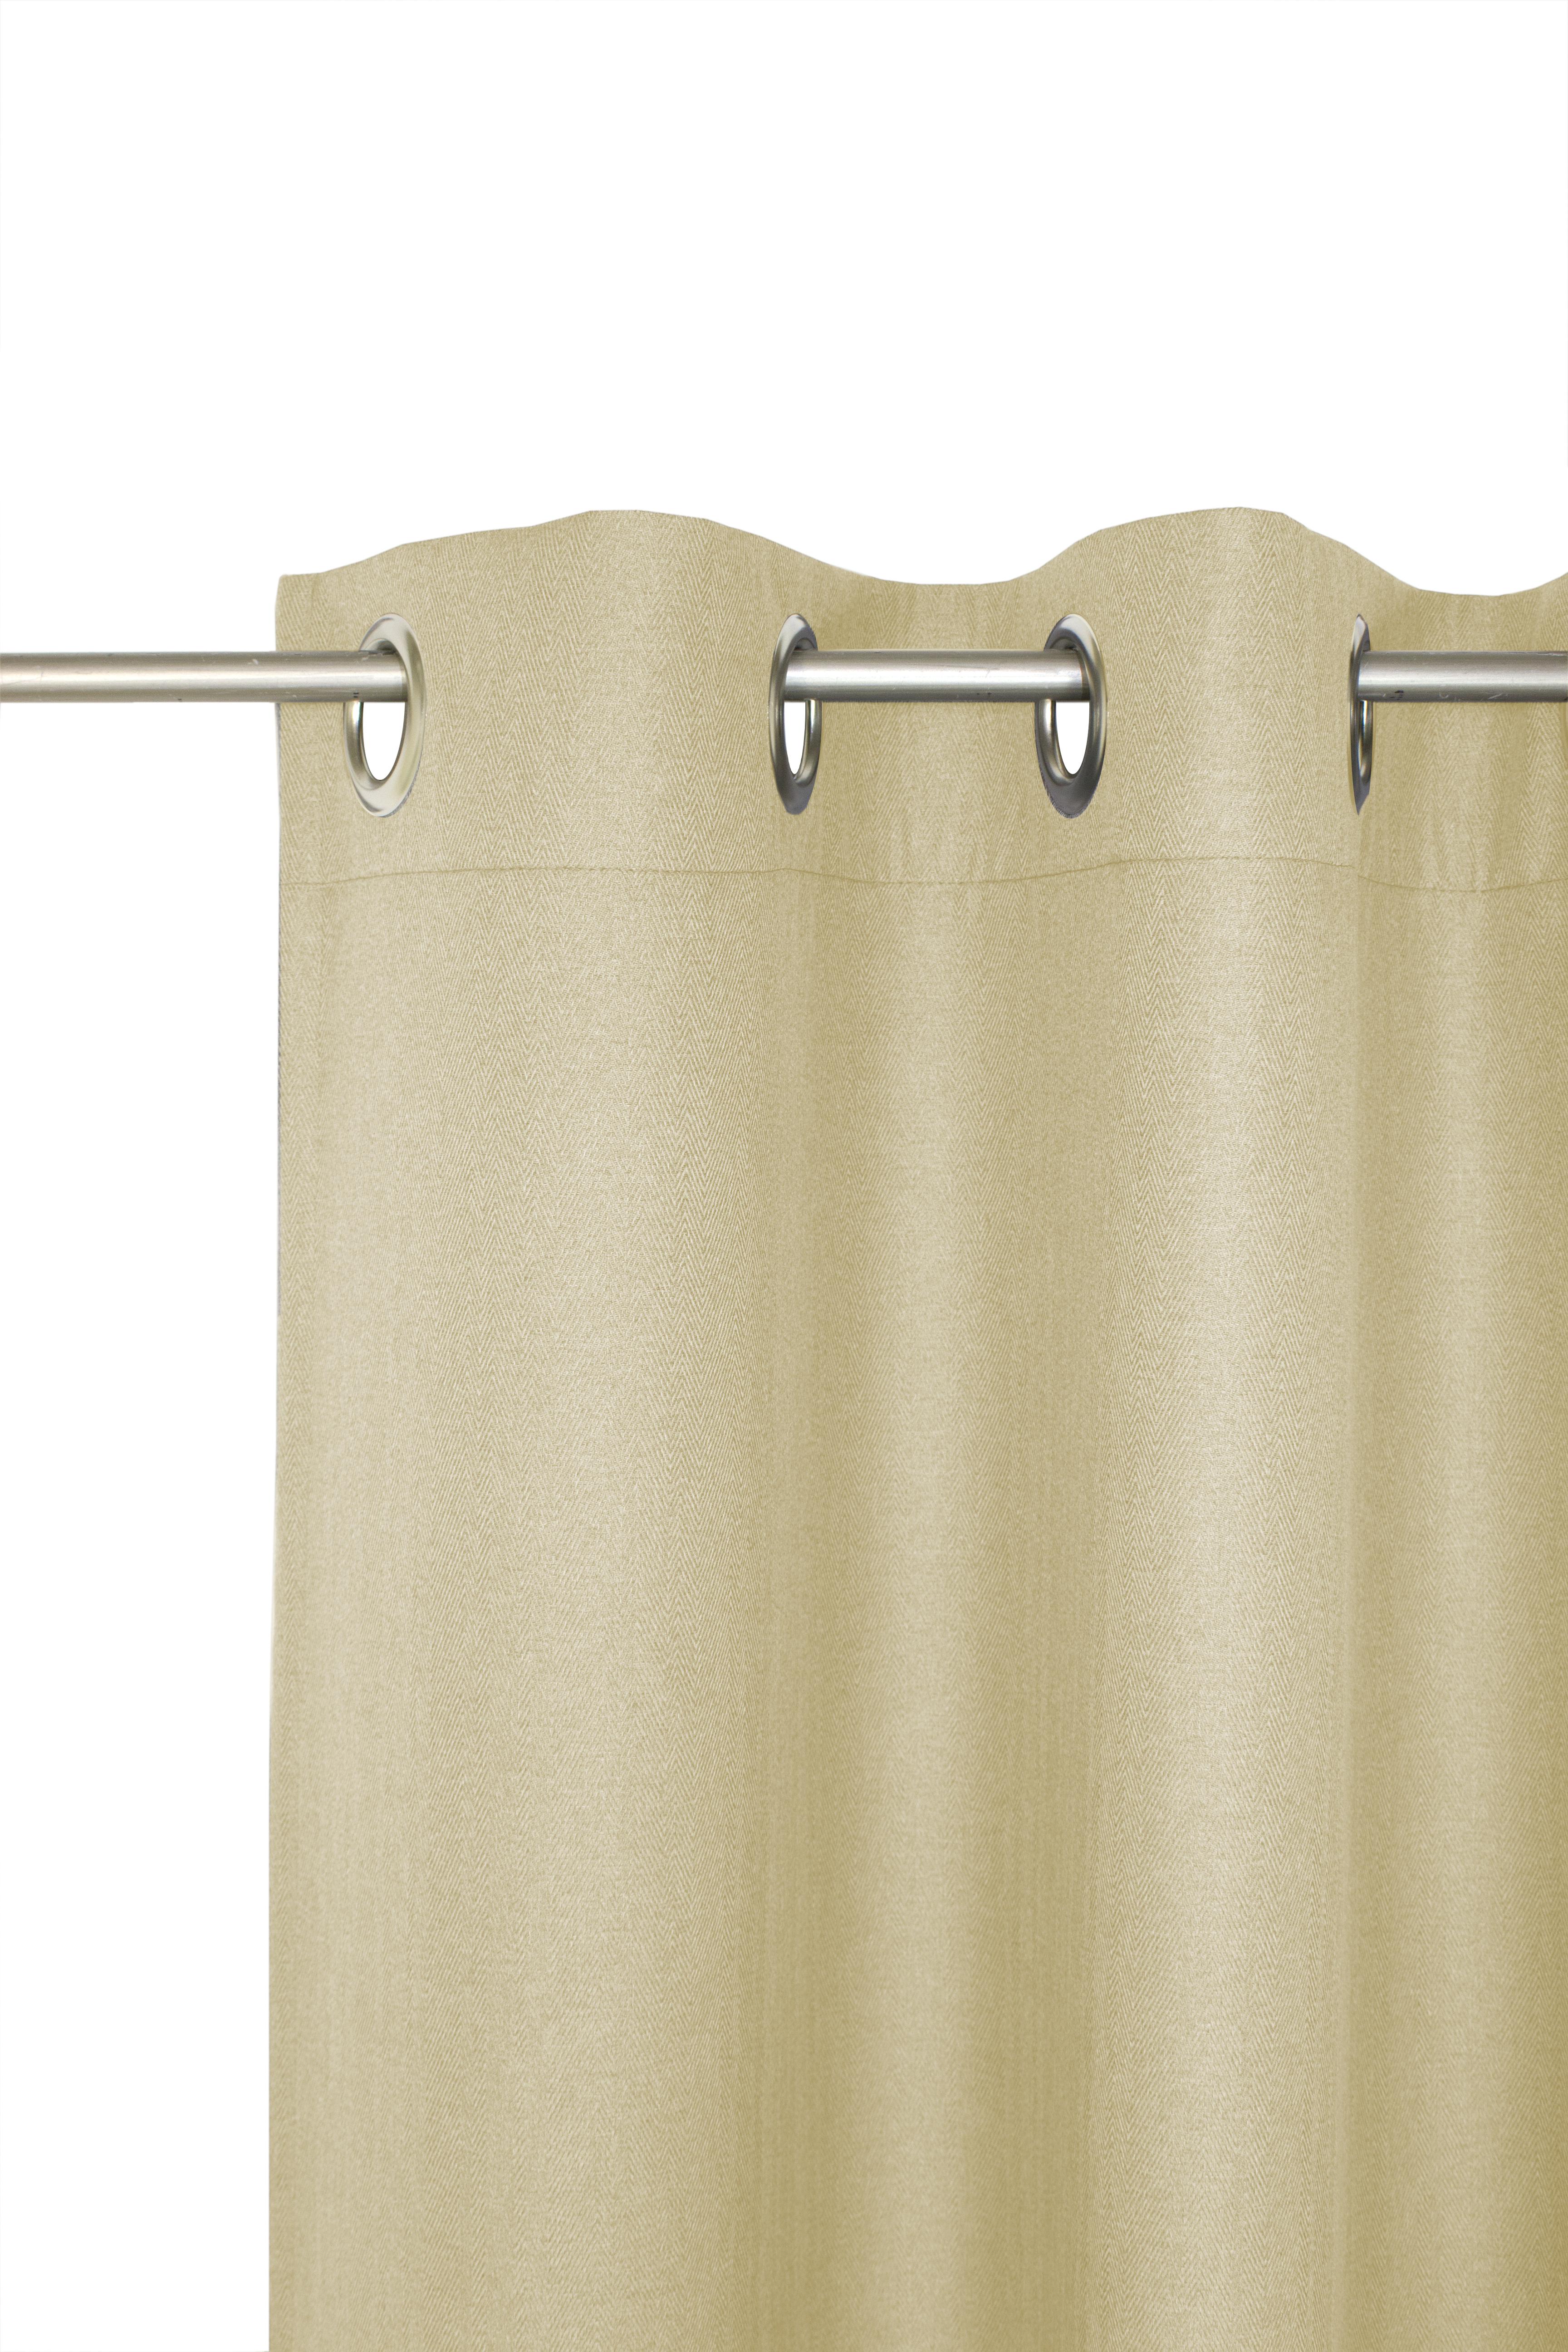 Sunbone (Vorhang)